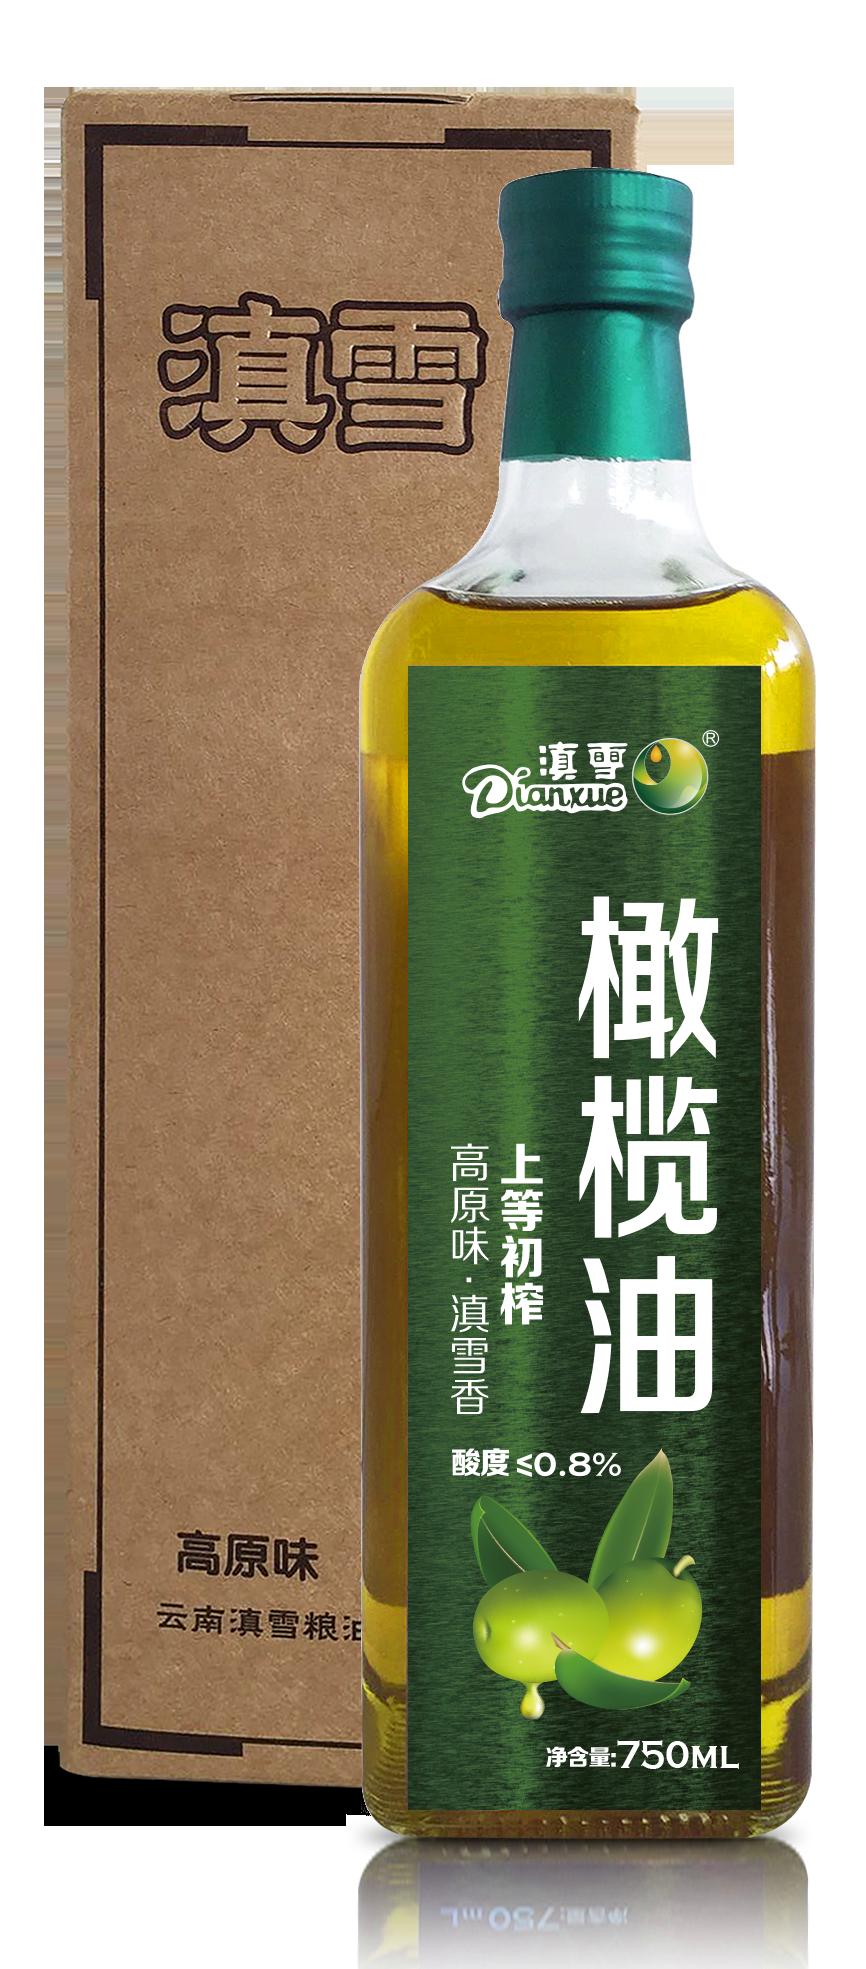 滇雪上等初榨橄榄油-750ML-2.png